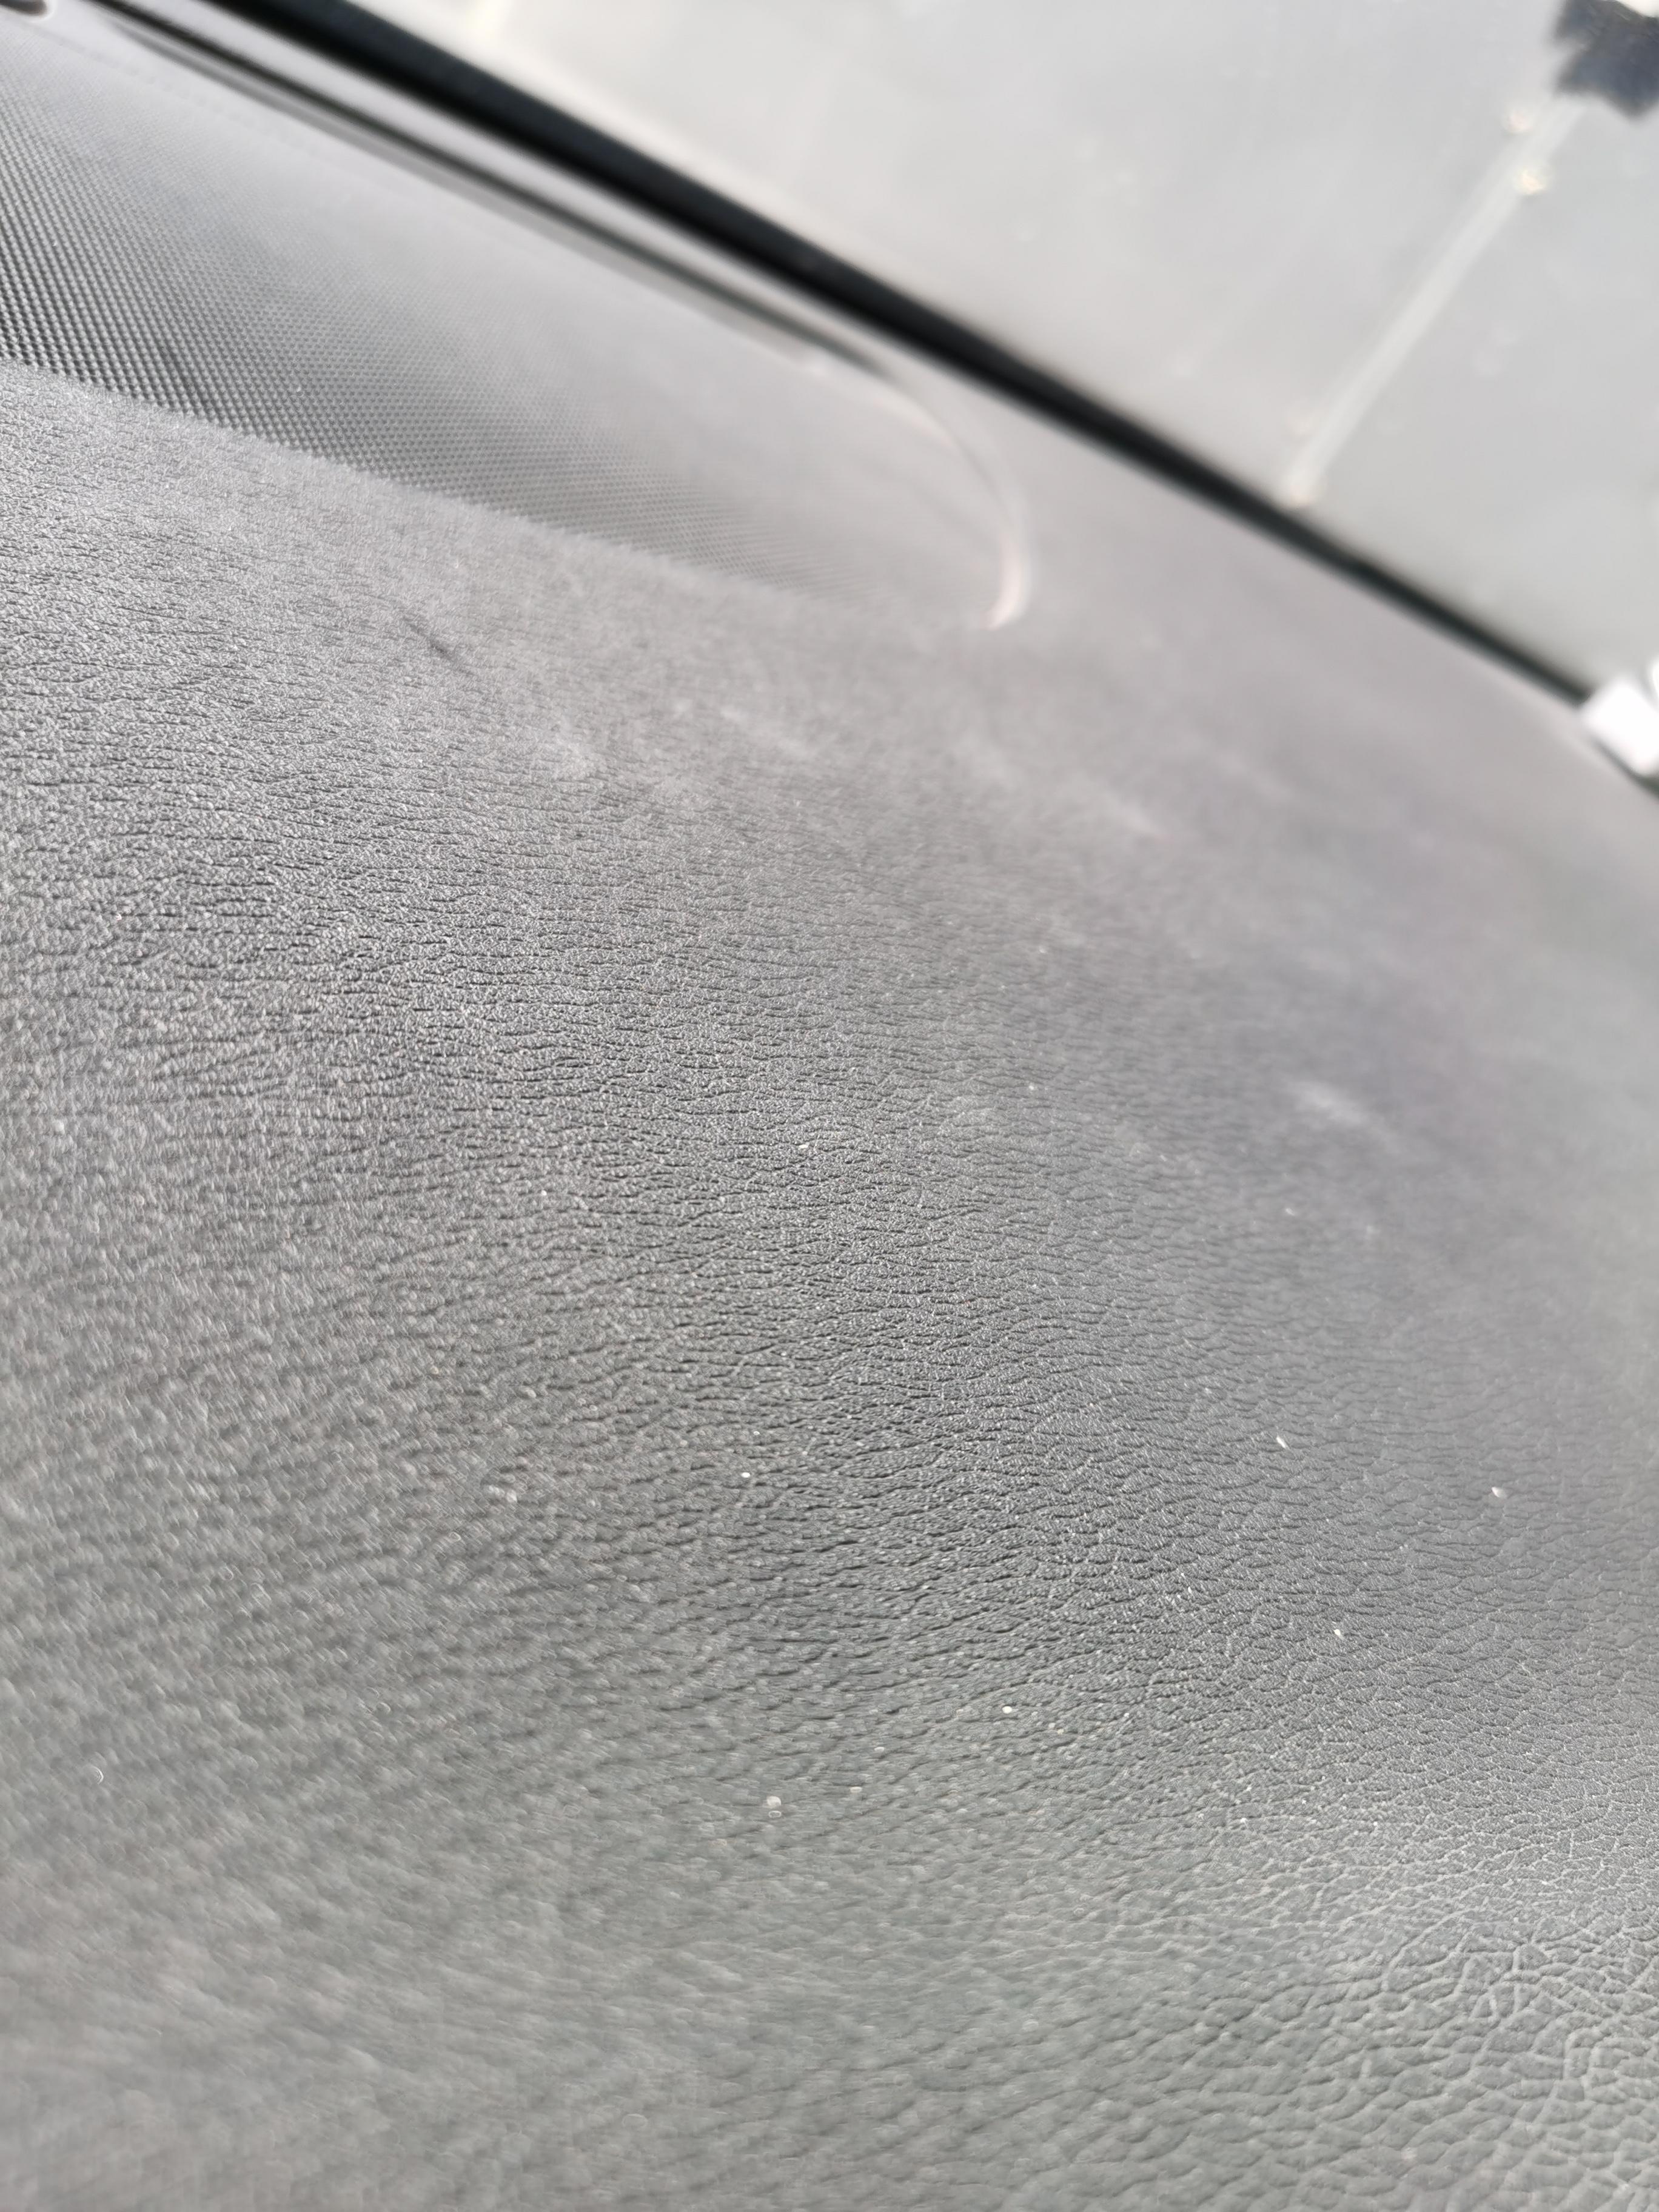 沃爾沃-沃爾沃S90 不到兩年的車,儀表臺鼓包, 4s竟然不管 ,態度相當惡劣